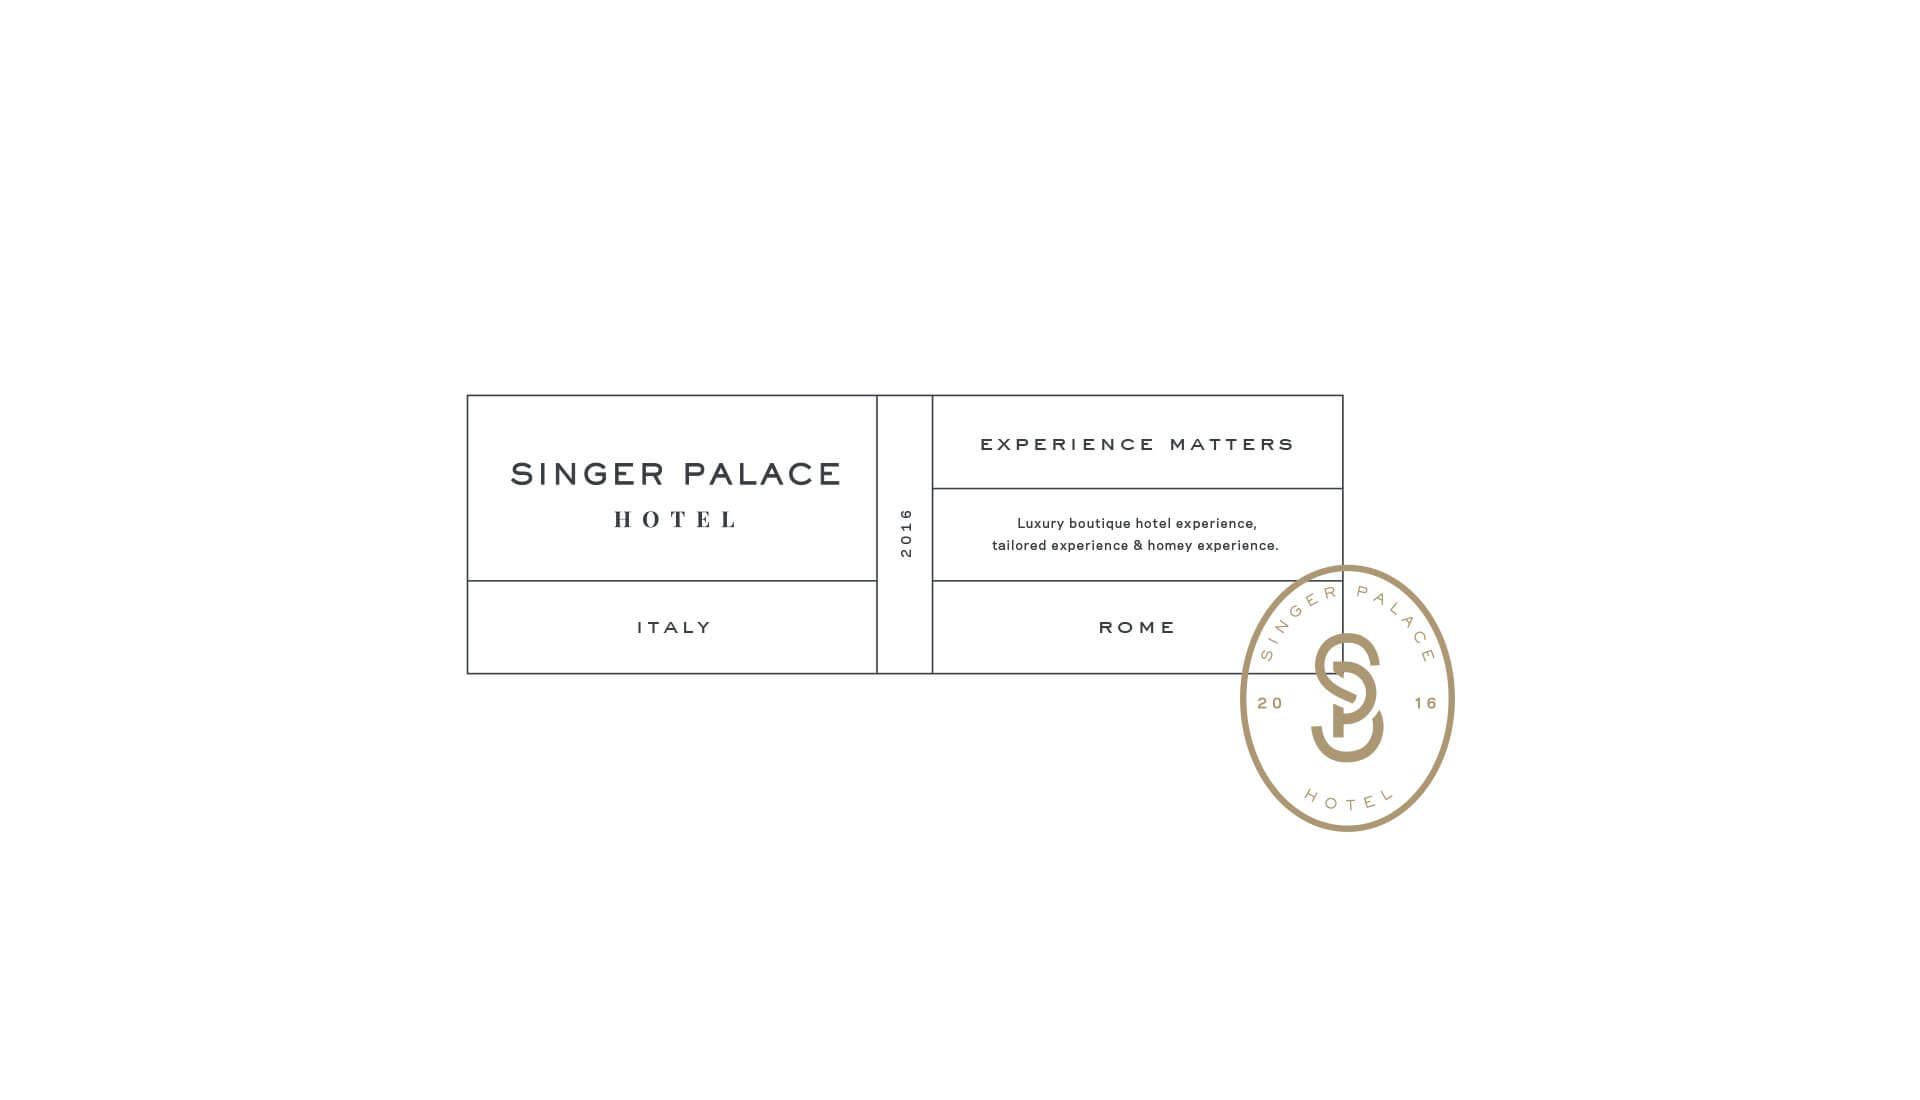 singer-palace-hotel-roma-portfolio-5